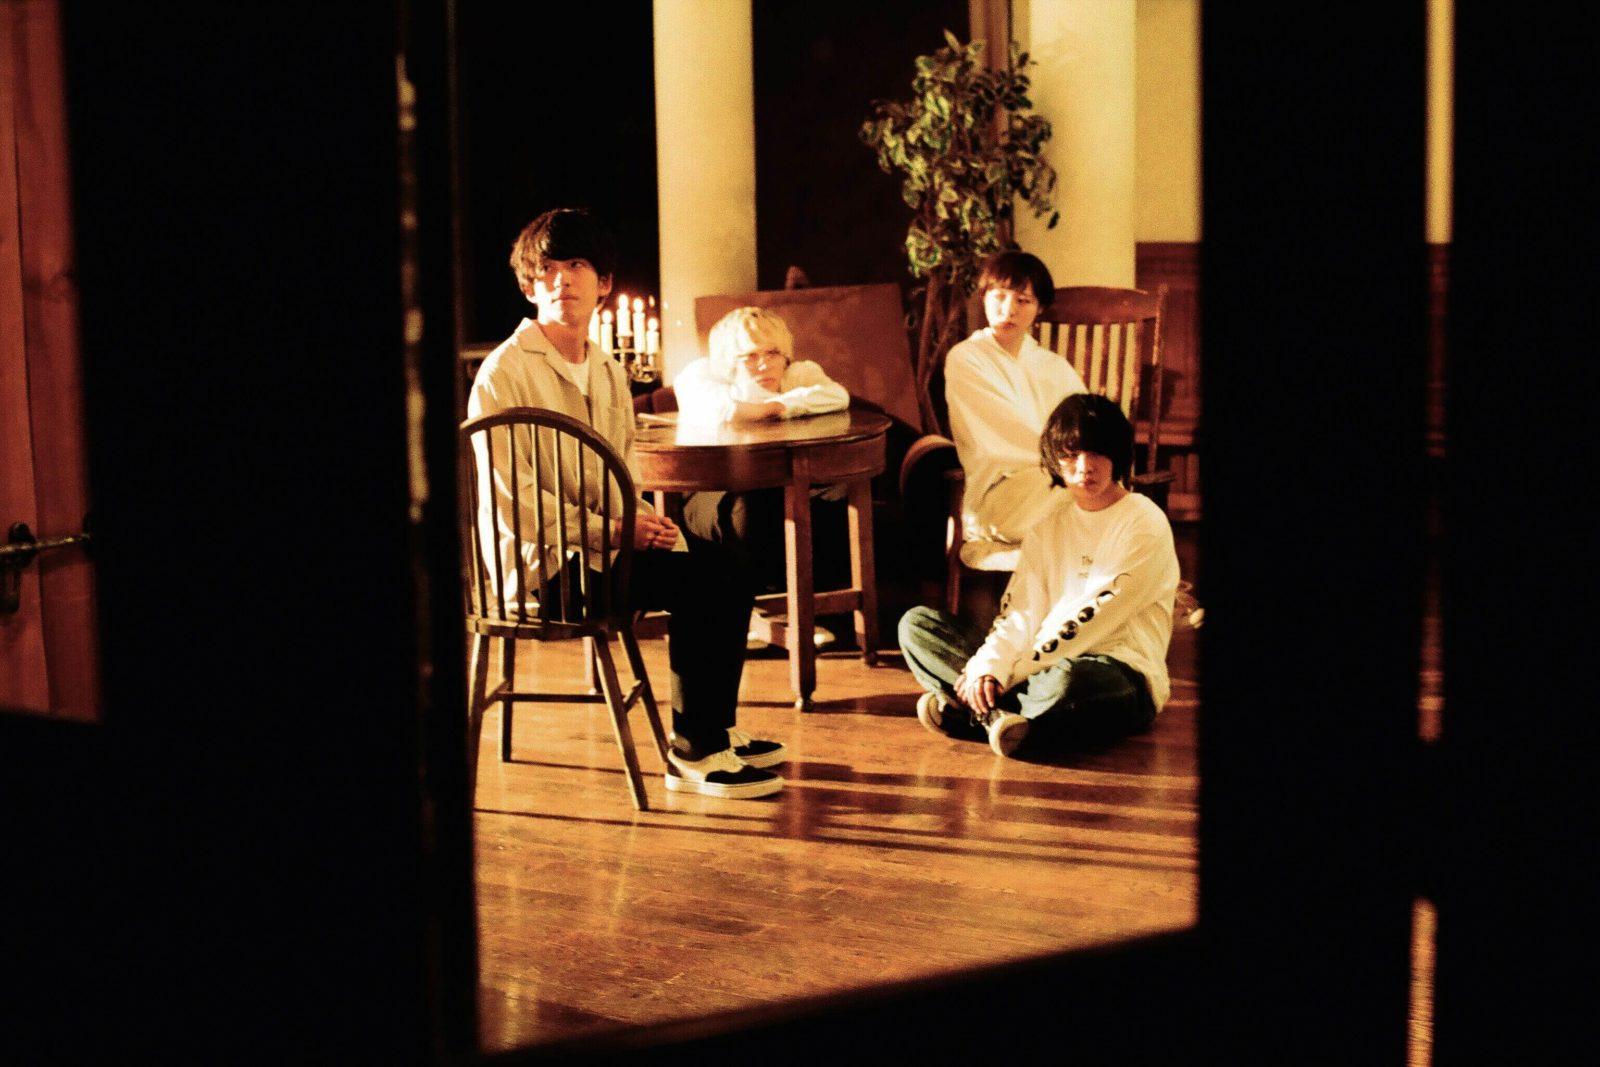 WALTZMORE、1st Mini Albumより「セカンドダンスの夜に」Music Video解禁サムネイル画像